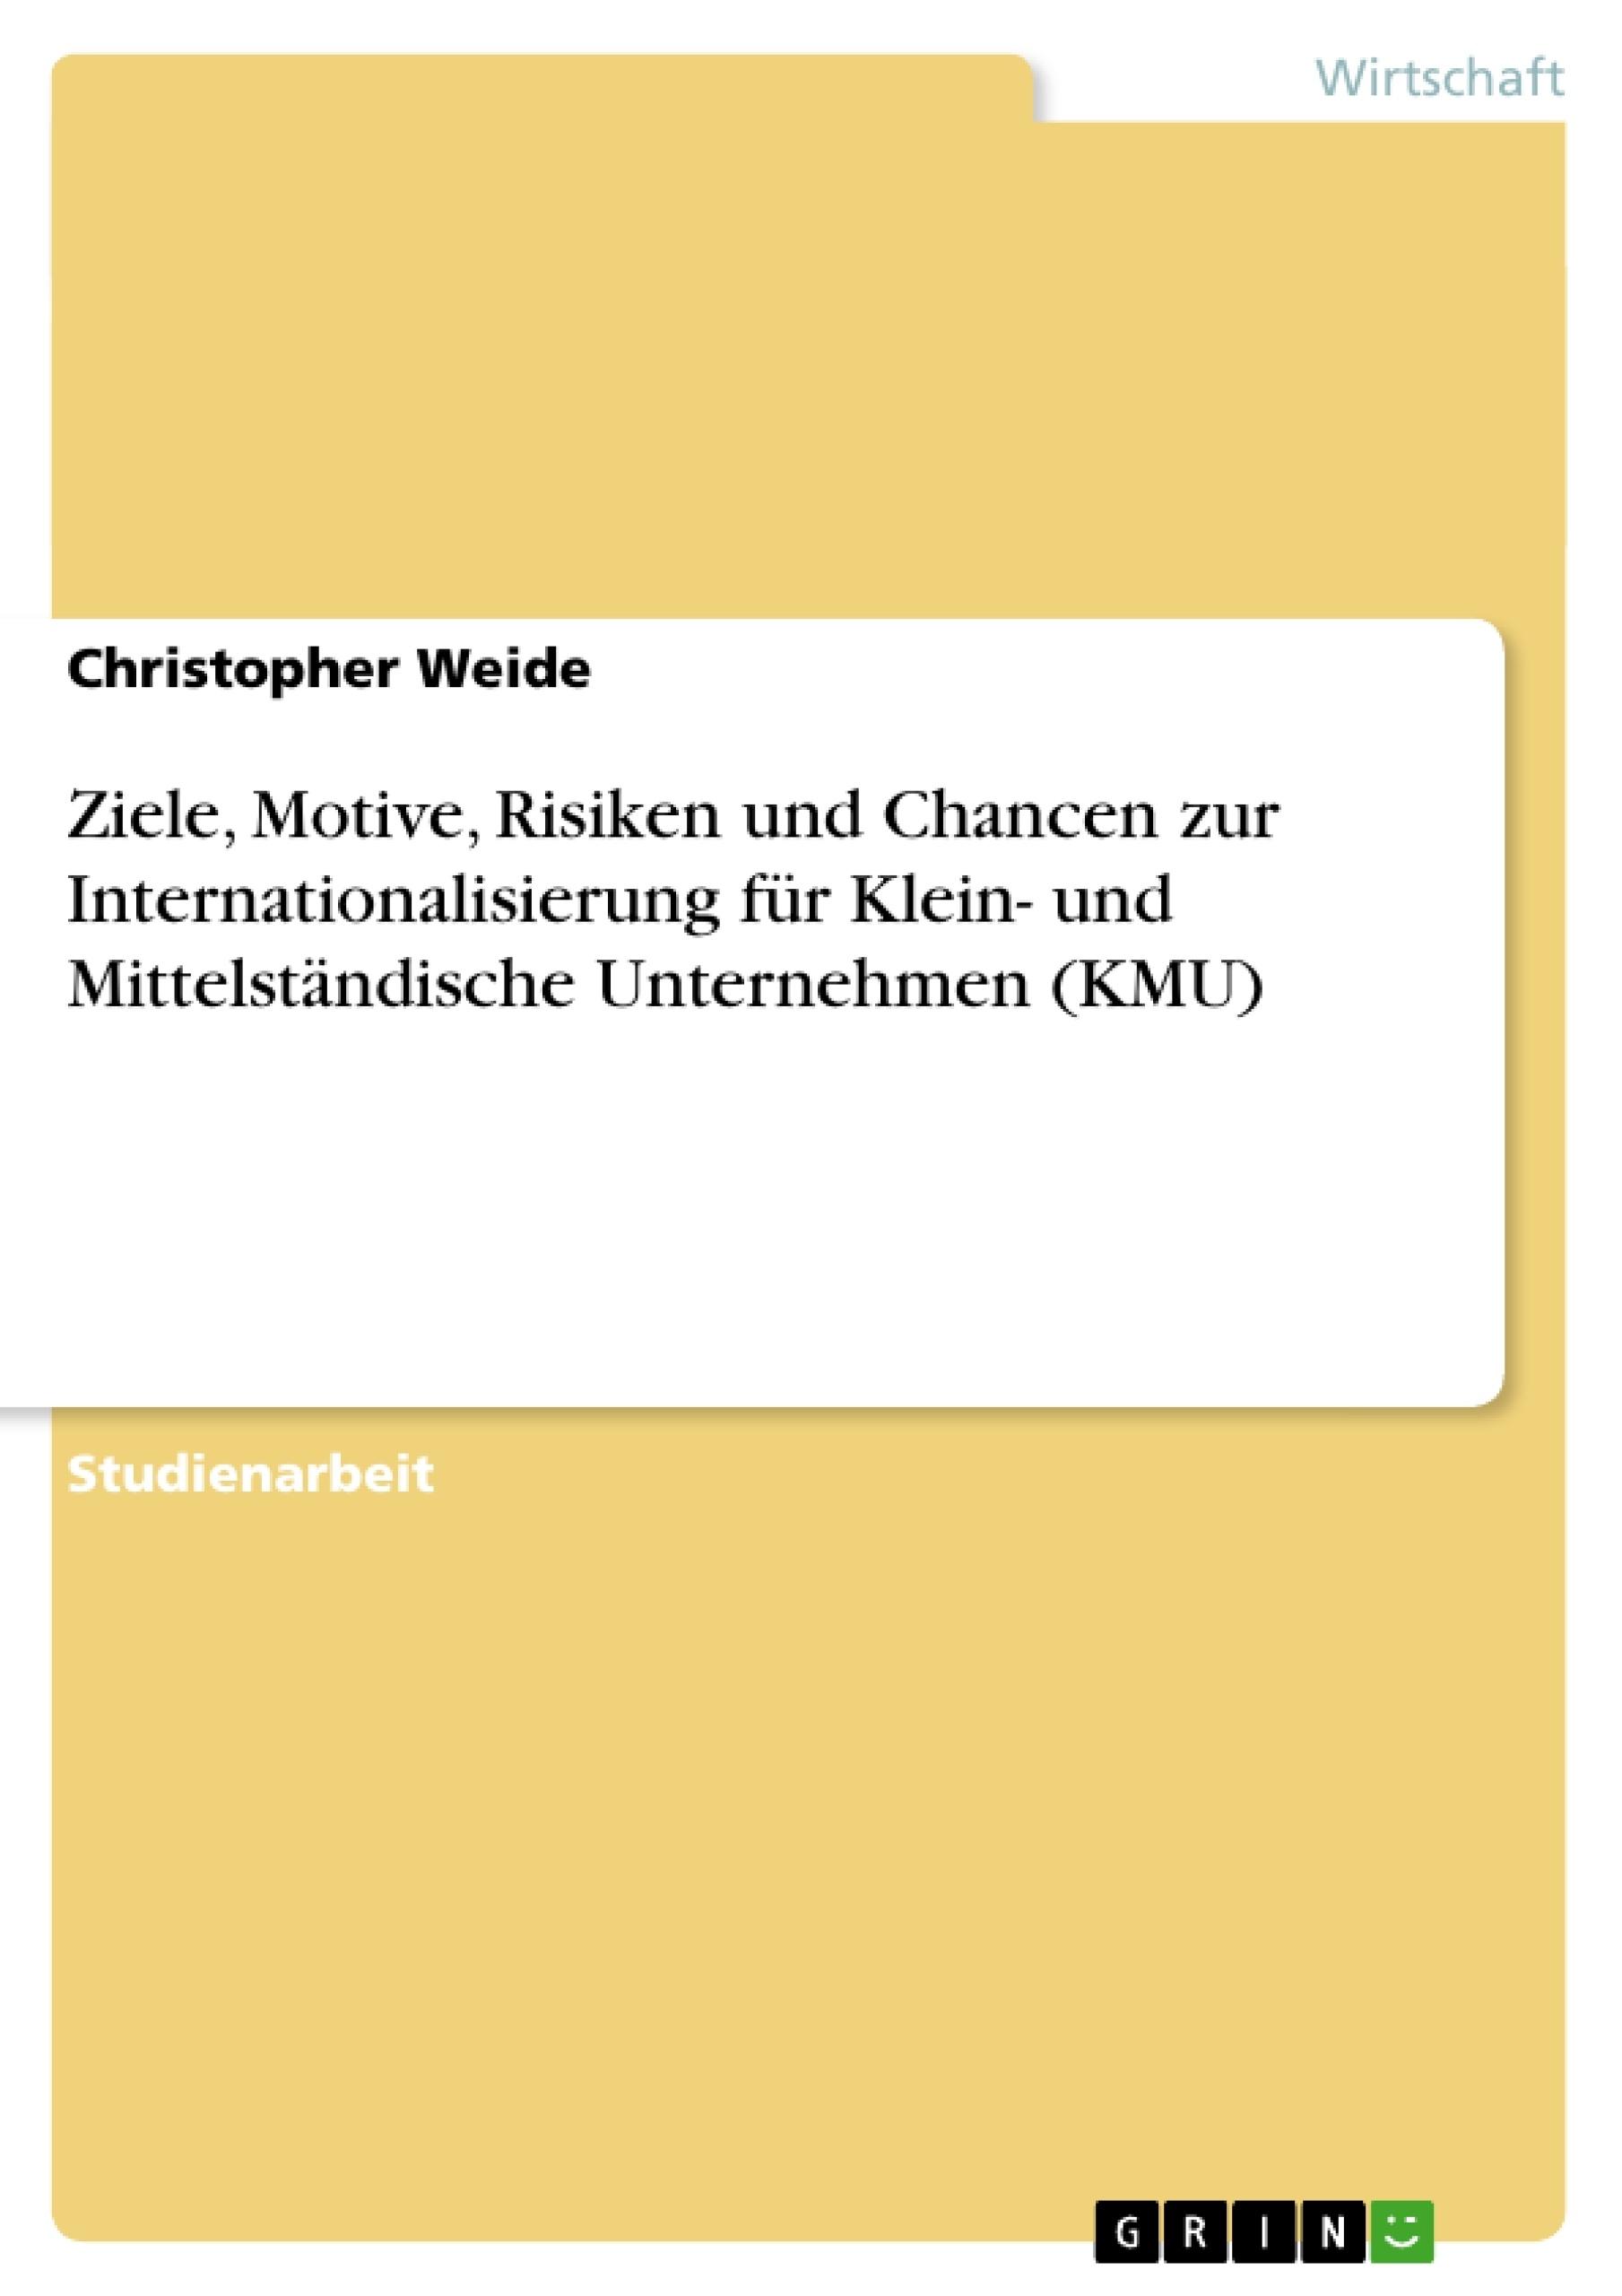 Titel: Ziele, Motive, Risiken und Chancen zur Internationalisierung für Klein- und Mittelständische Unternehmen (KMU)